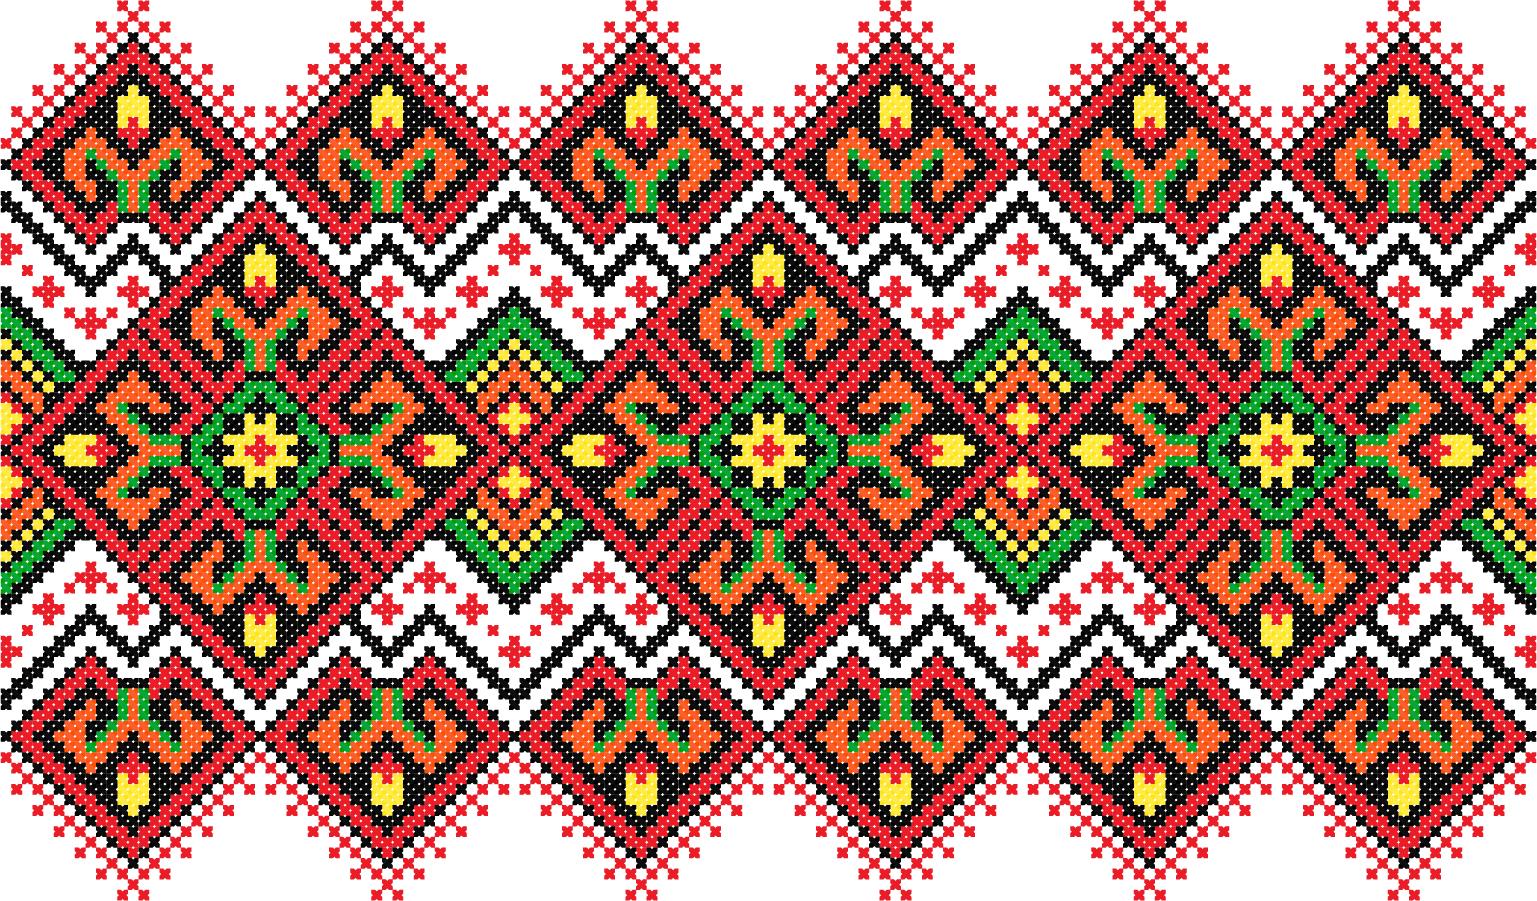 マス目を埋めたニット編みパターンの背景 background consecutive knitting patterns イラスト素材